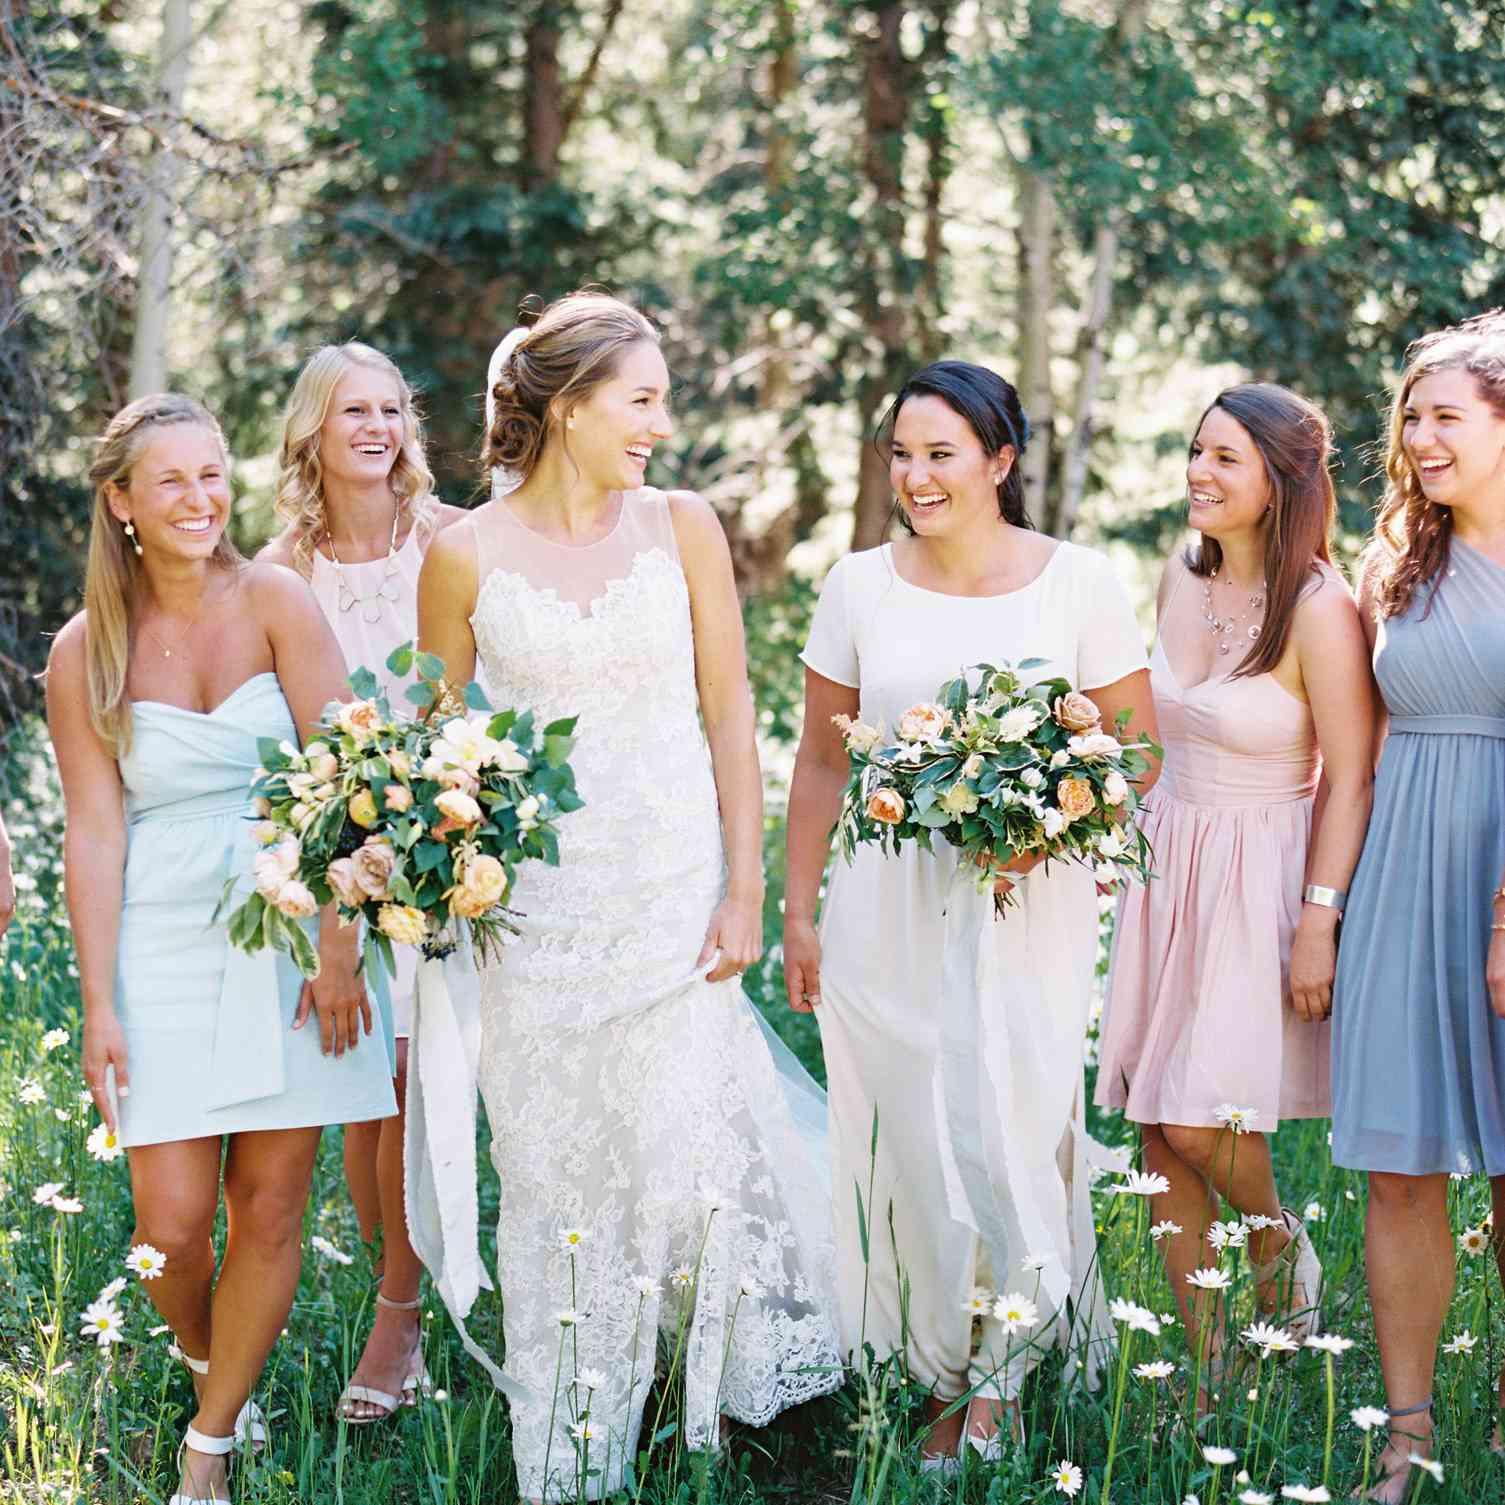 Brides with Bridesmaids